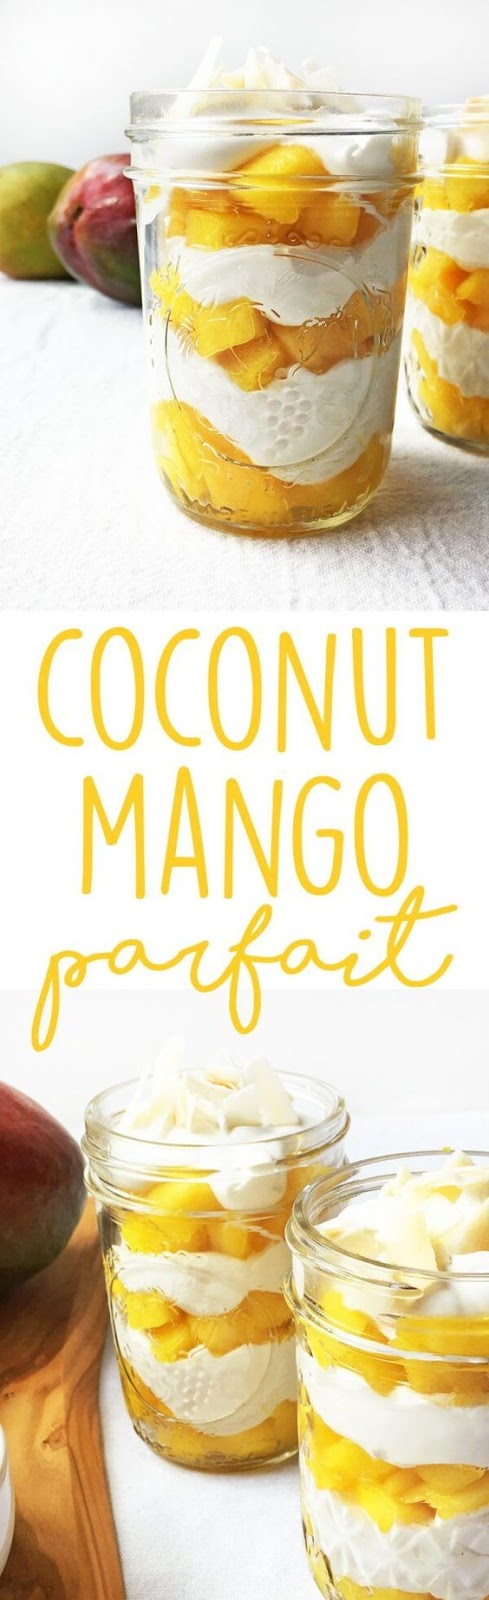 COCONUT MANGO PARFAIT